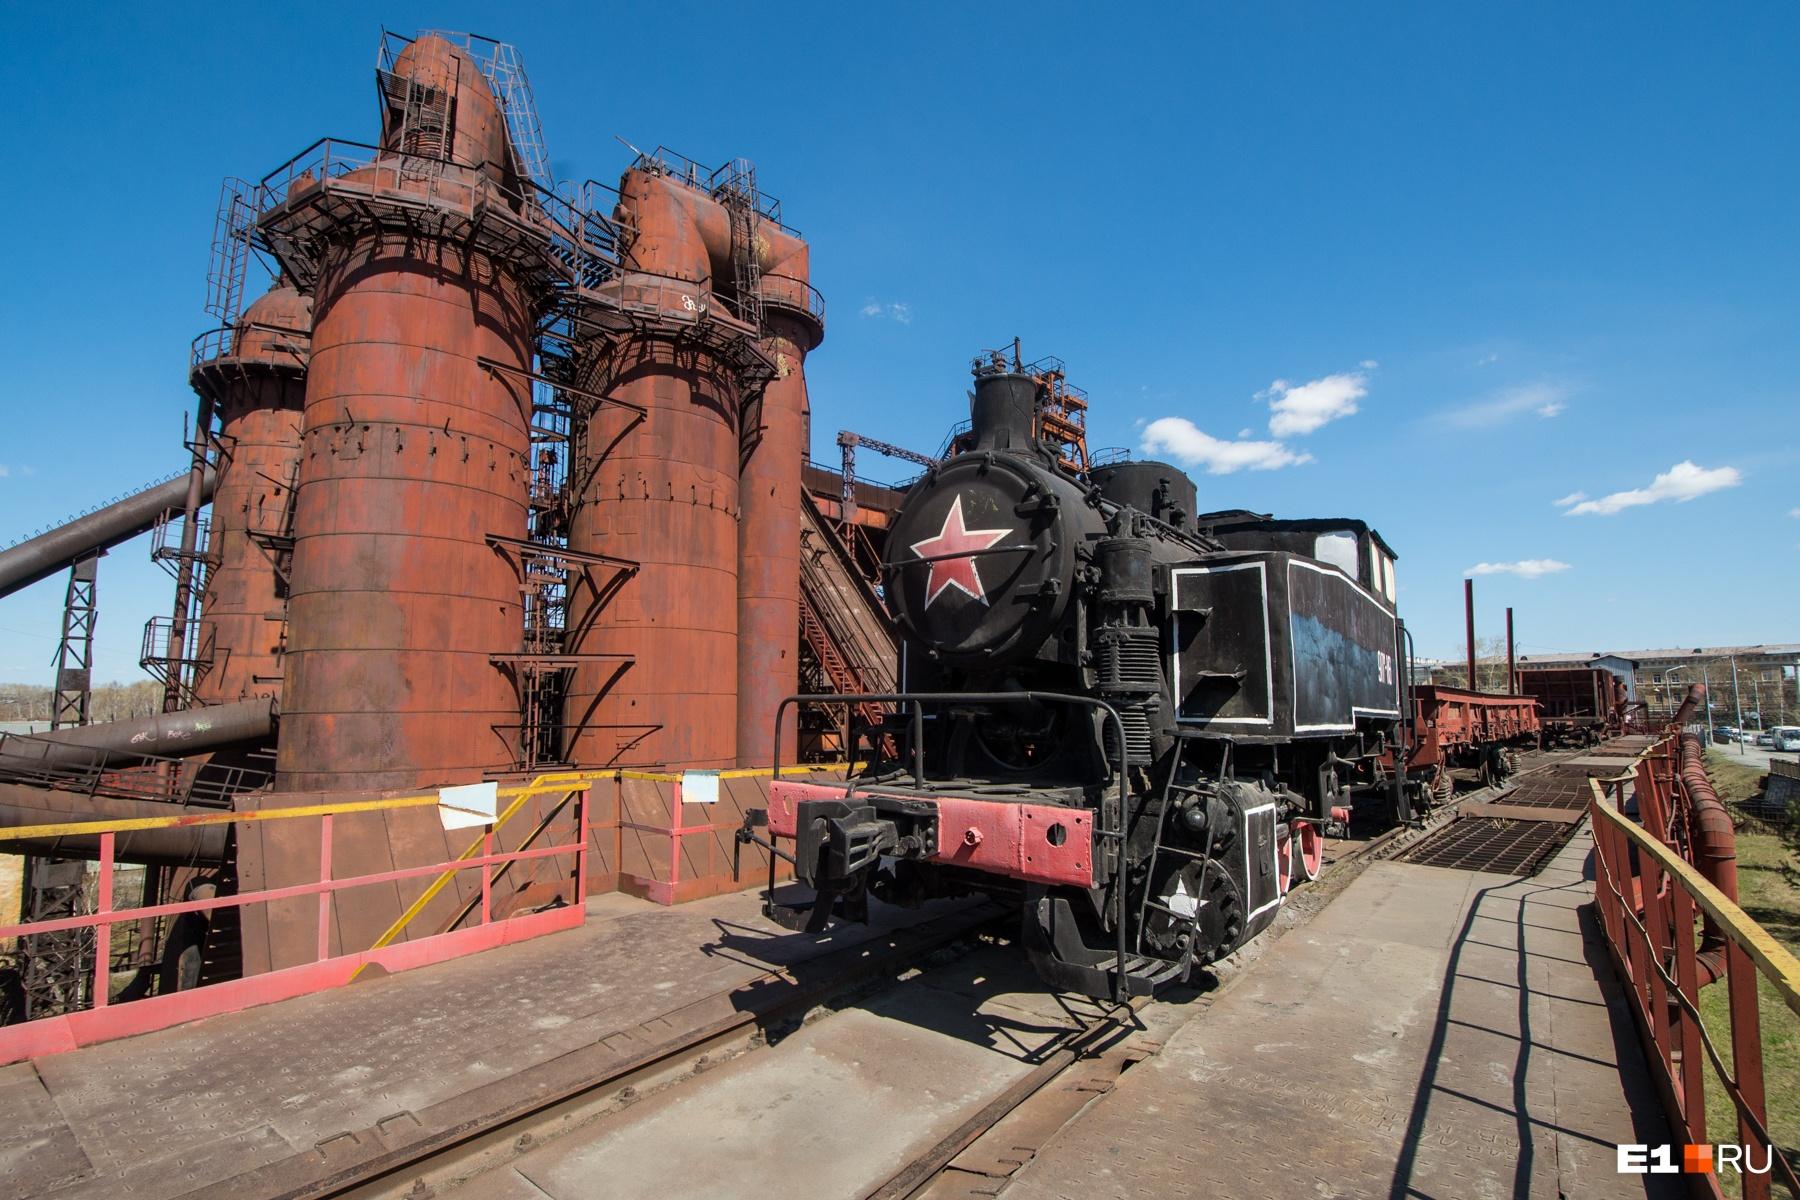 В последние годы работы завода руду подвозили по железной дороге, а вплоть до конца XIX века использовали гужевой транспорт